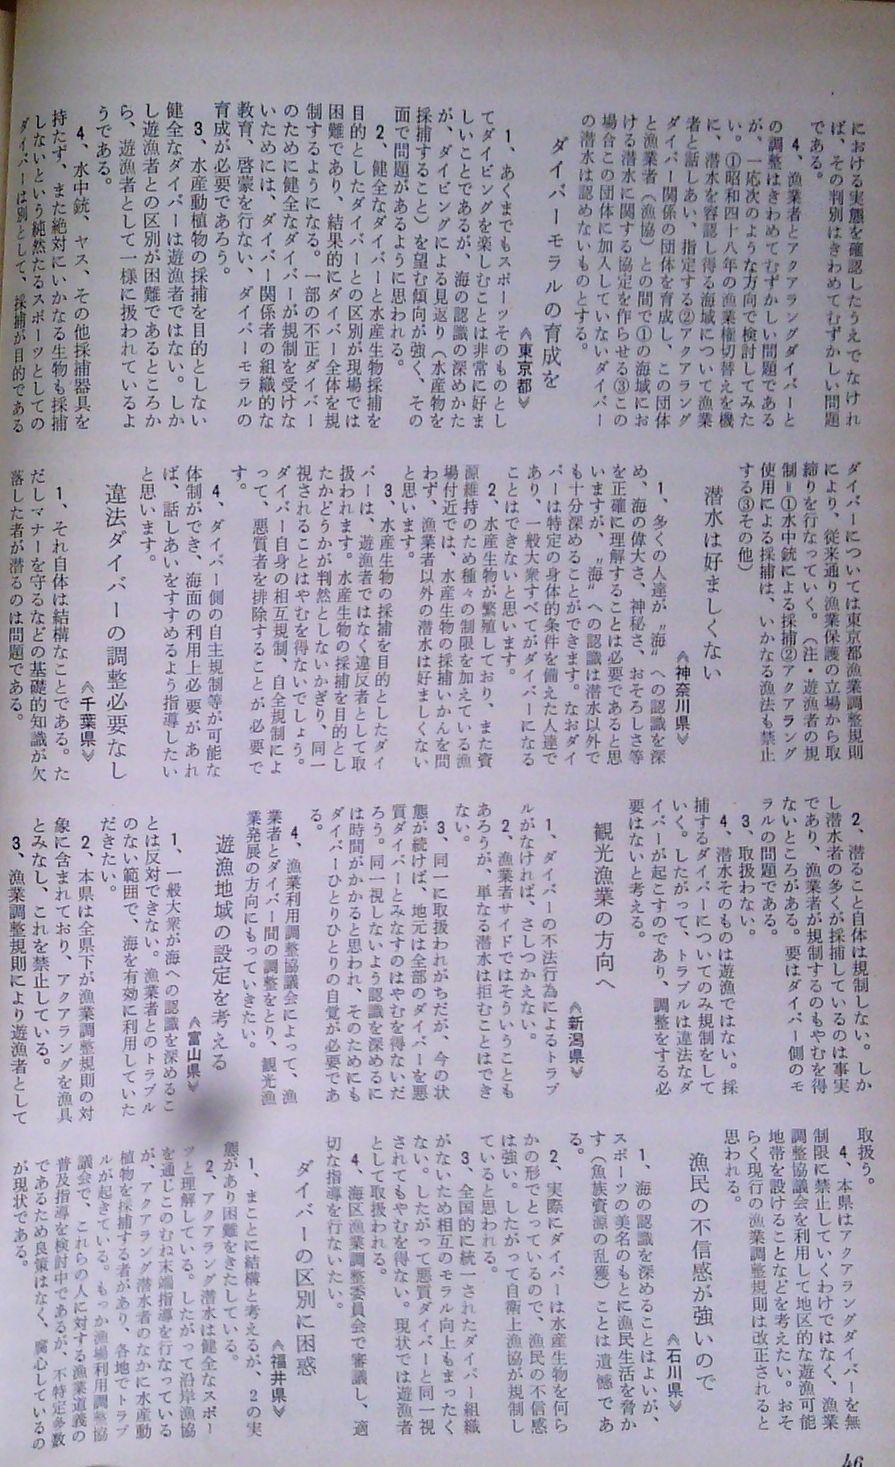 0328 ダイビングの歴史 60 海の世界72年5/10_b0075059_16533087.jpg